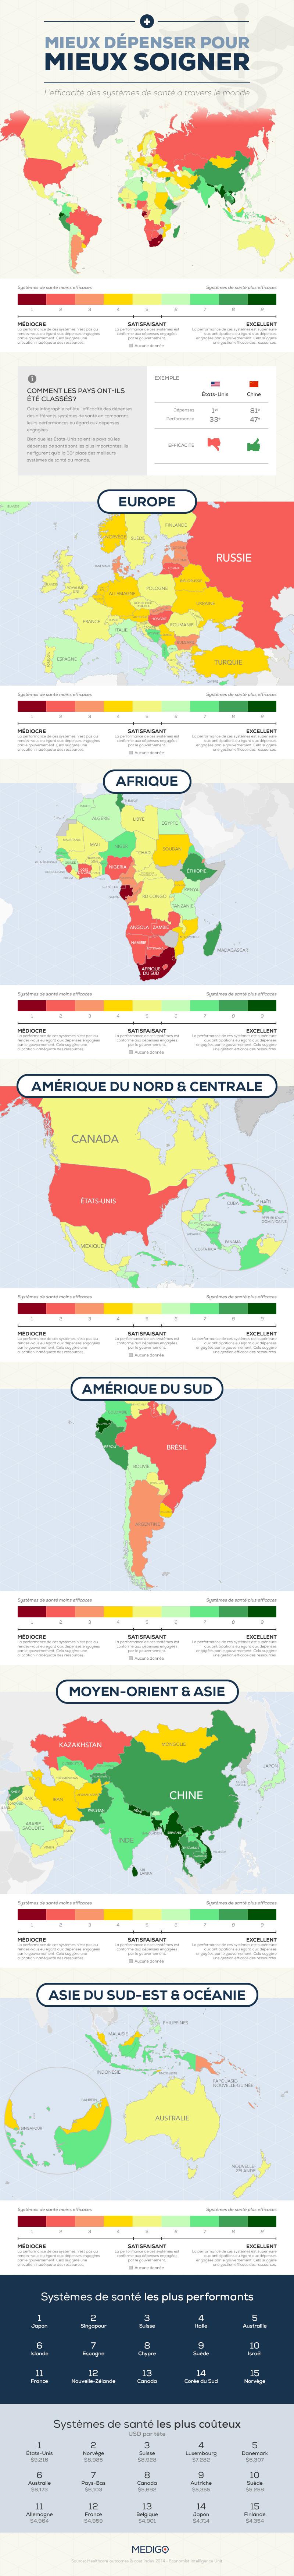 [Infographie] L'efficacité des dépenses en matière de santé à travers le monde